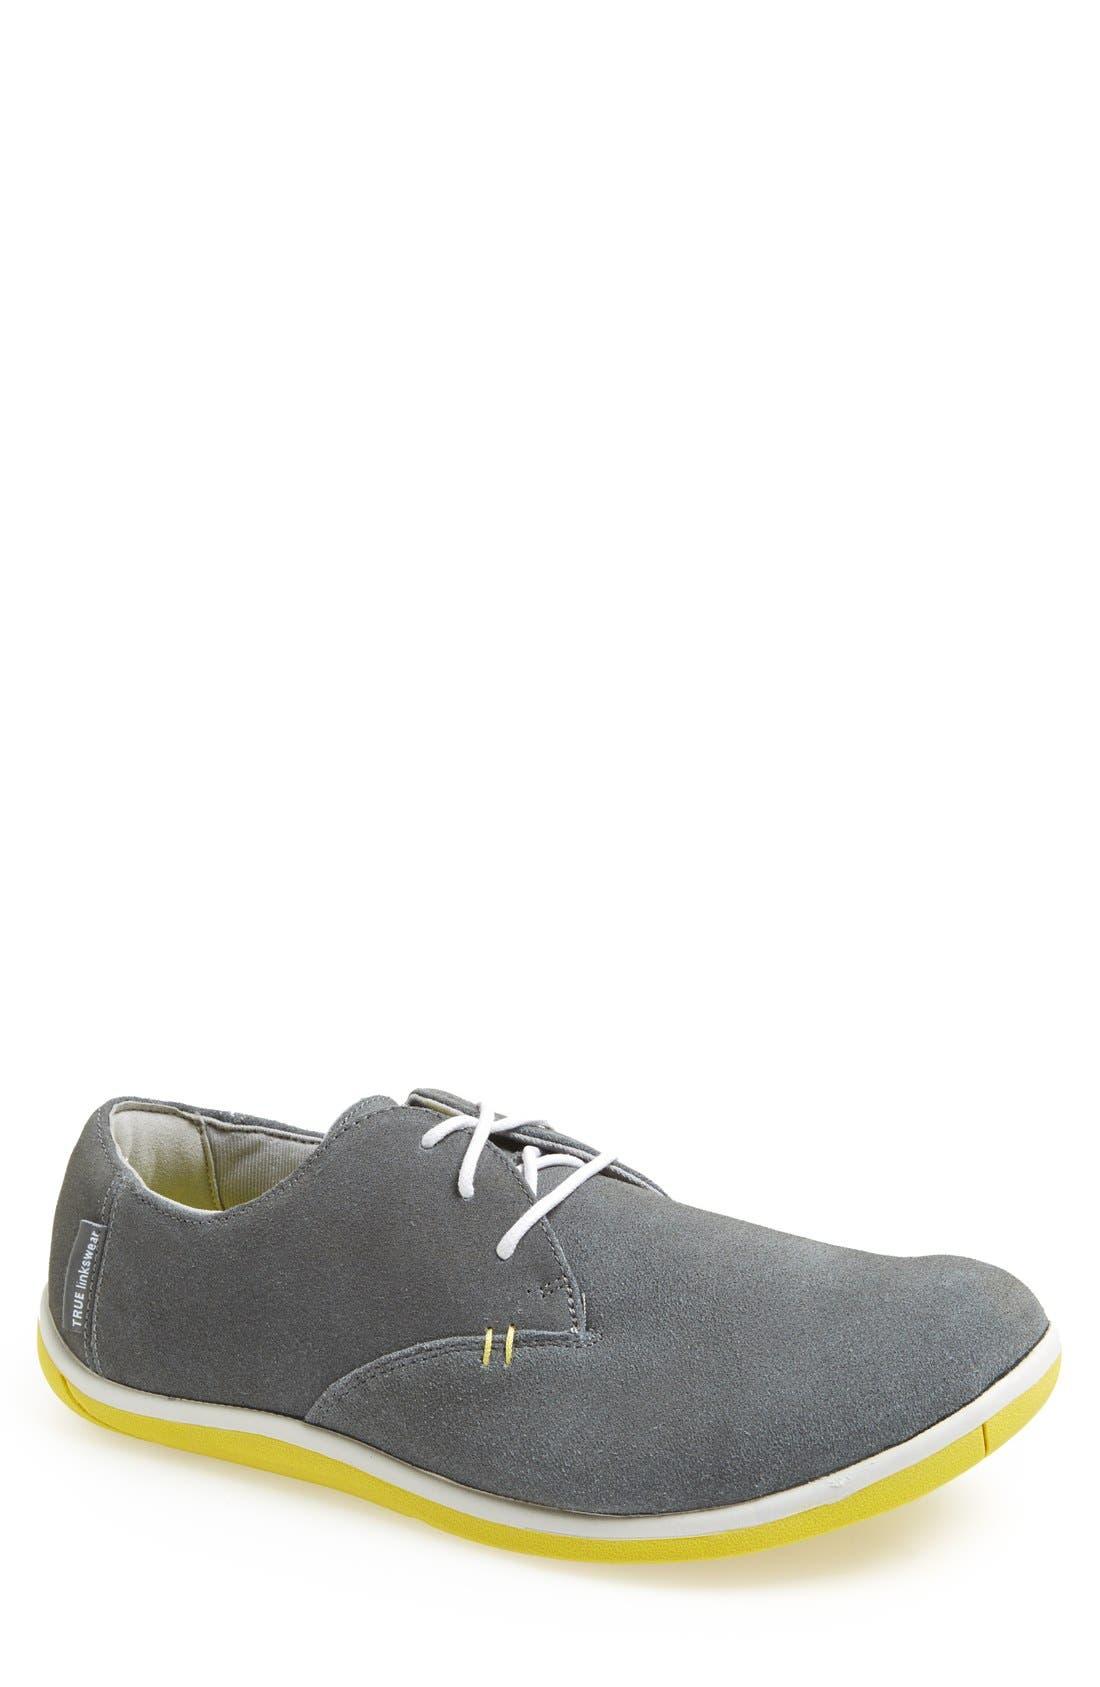 TRUE LINKSWEAR,                             'True Oxford' Golf Shoe,                             Main thumbnail 1, color,                             020